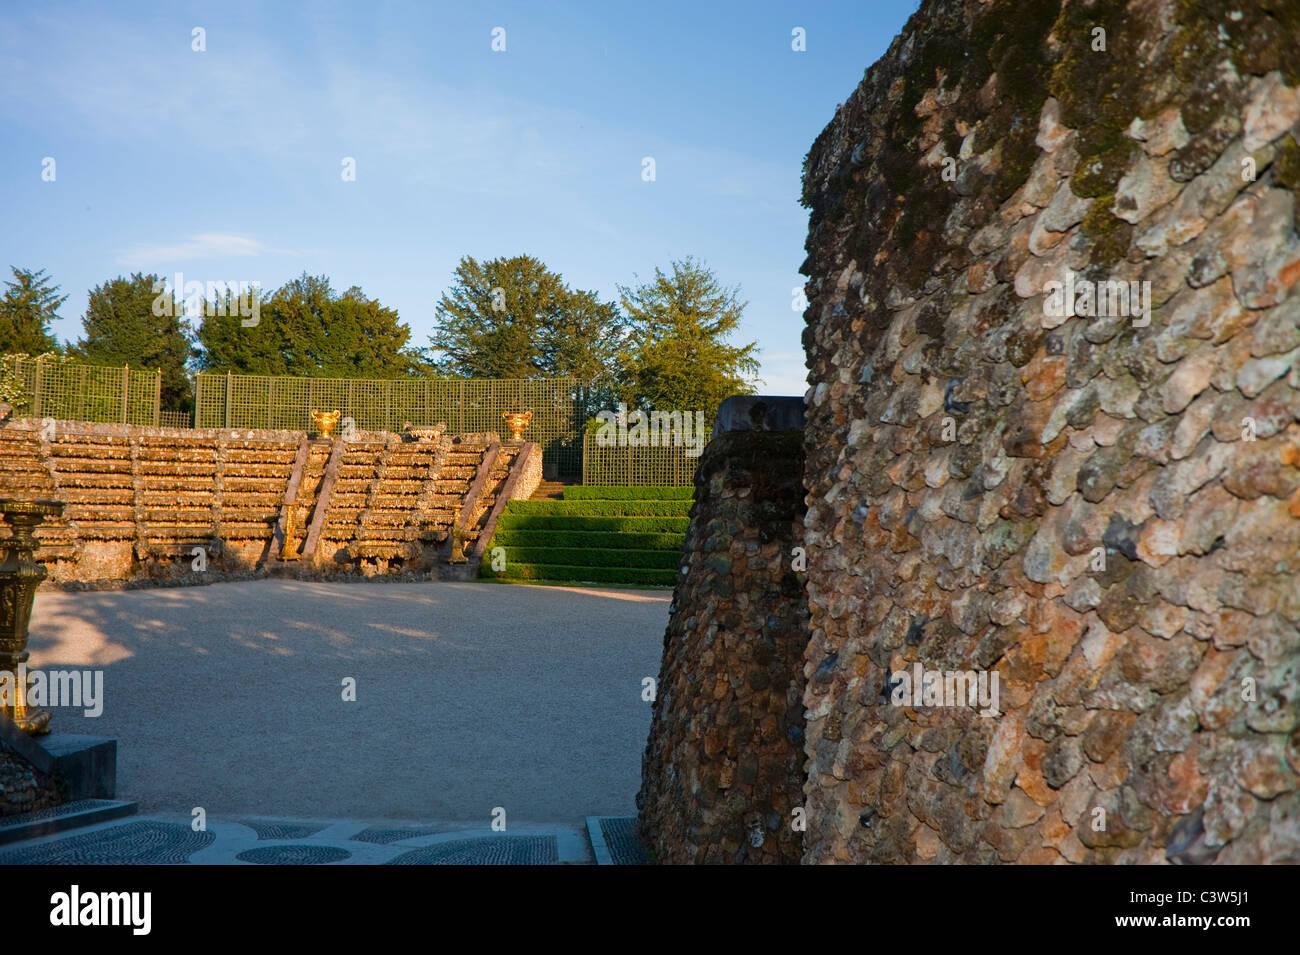 versailles france urban park scenes garden jardin chateau de versailles salle de bal grotte - Jardin Chateau De Versailles